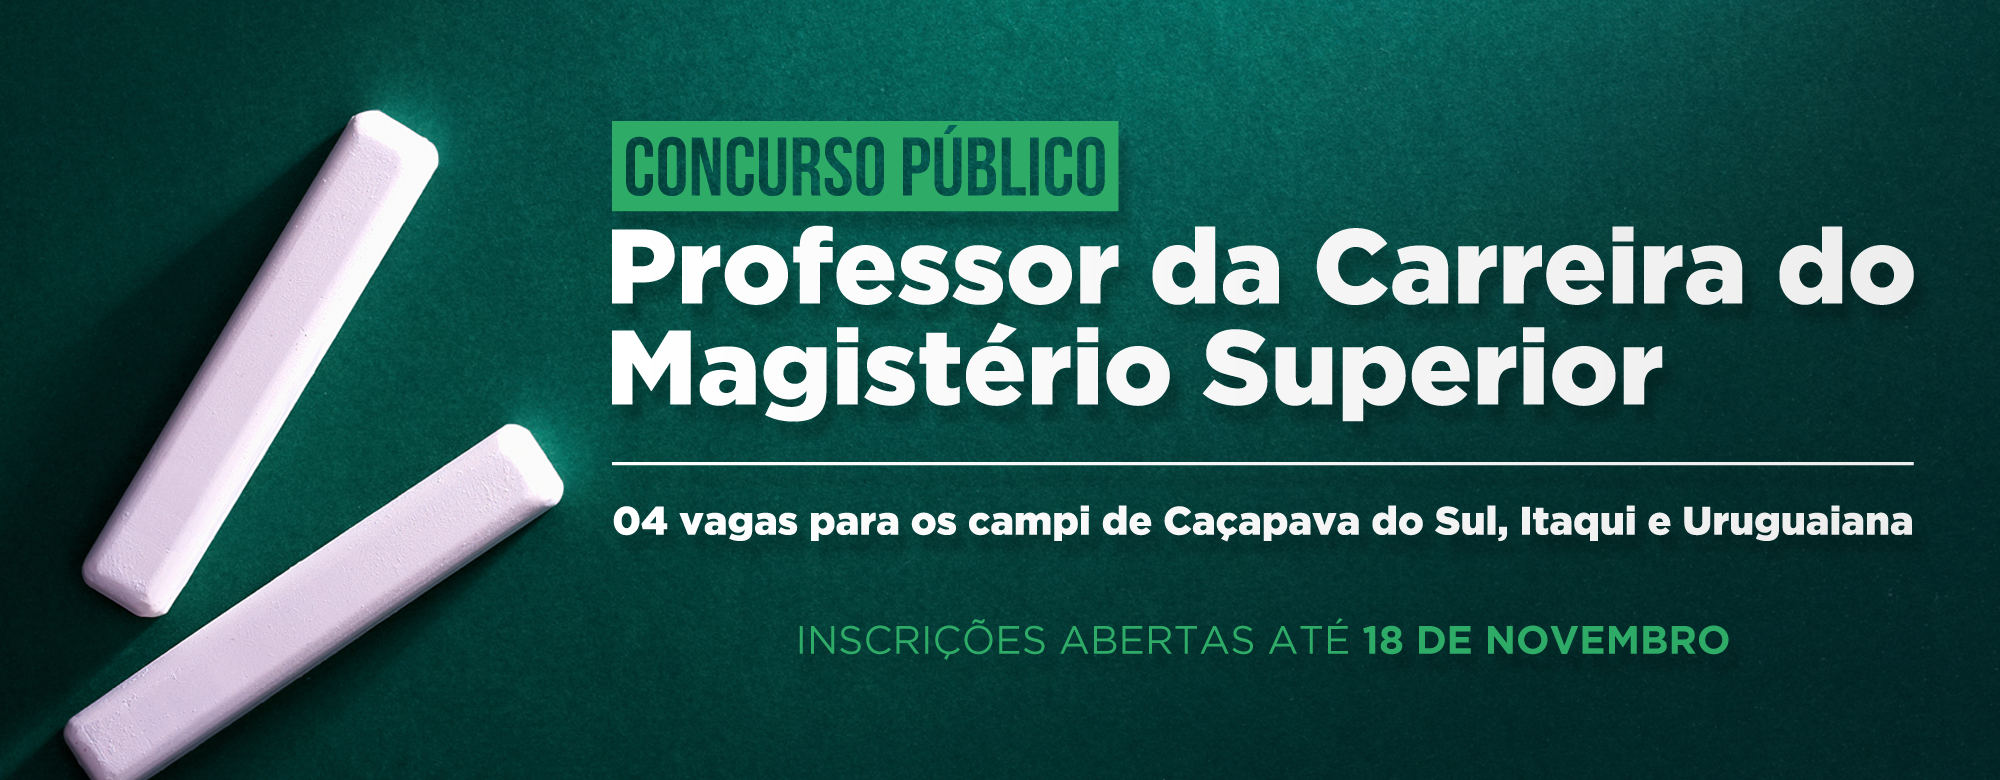 Concurso público para professor da carreira do magistério superior